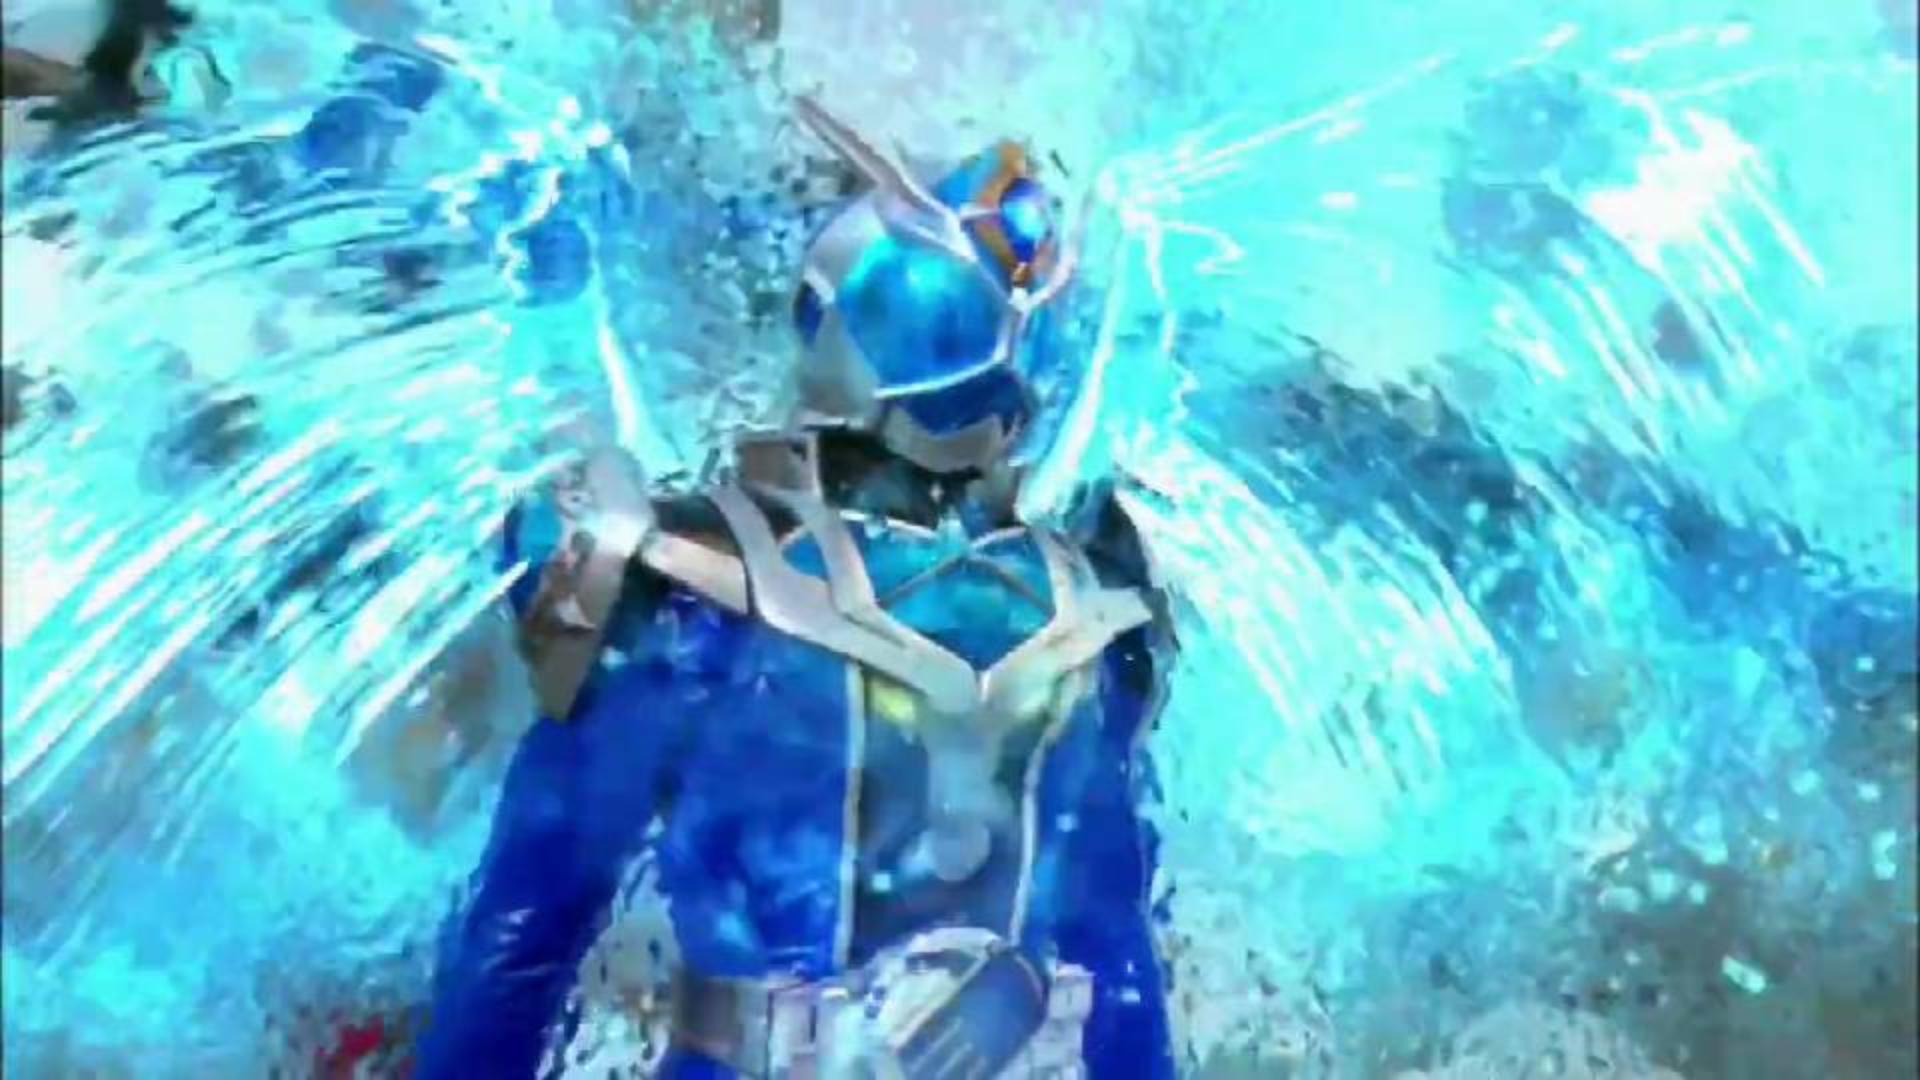 【假面骑士Wizard】流水魔龙形态变身剪辑